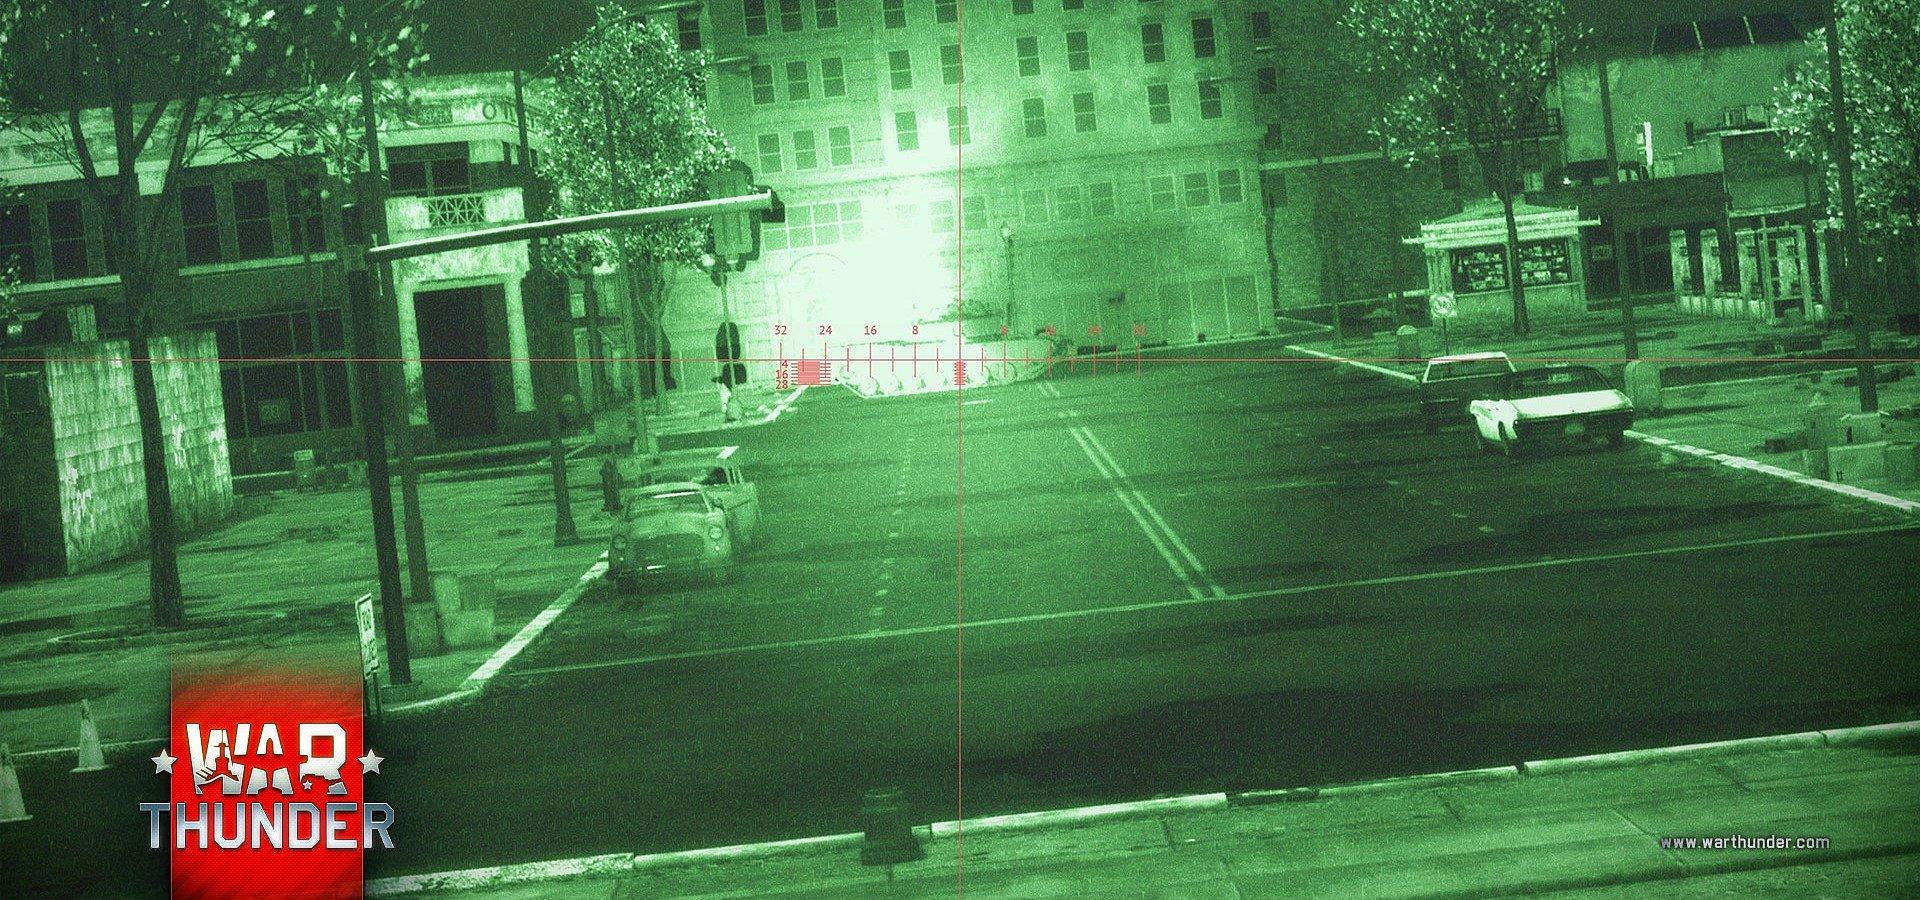 Čínské vojenské vozidlá, zařízení s nočním viděním a tepelné vyhledávání nepřítele přicházejí do hry War Thunder